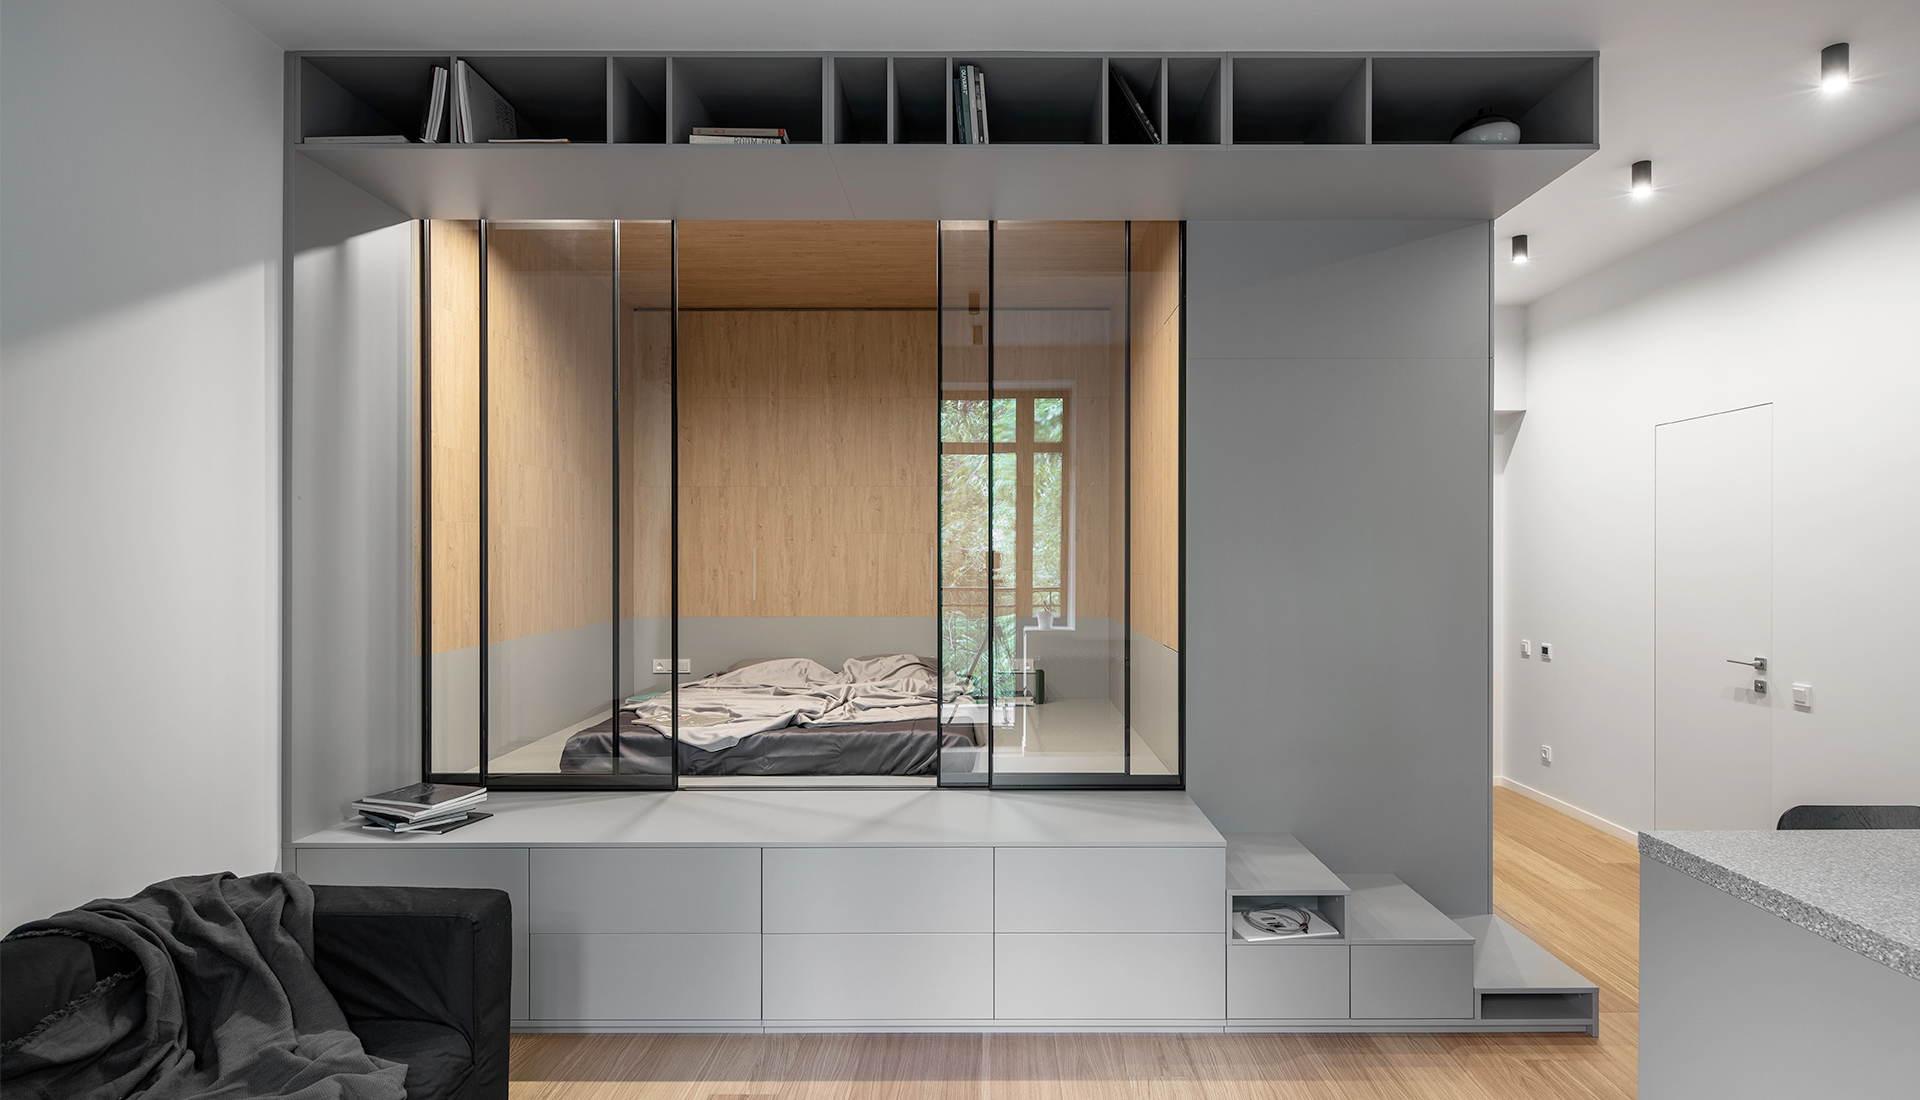 Спальня в маленькой квартире: 5 решений с планировками